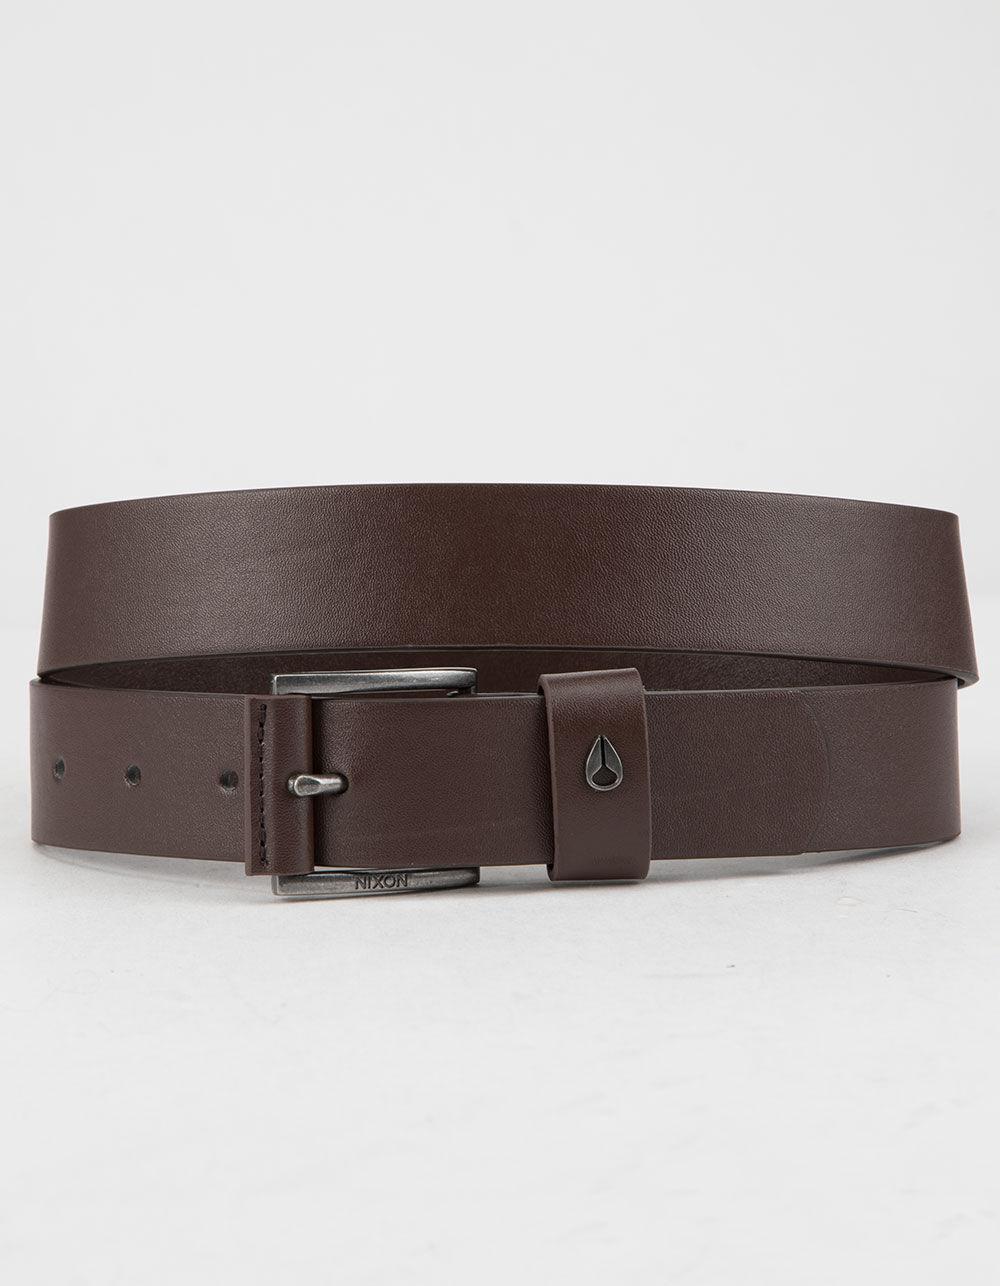 NIXON Americana Vegan Brown Belt